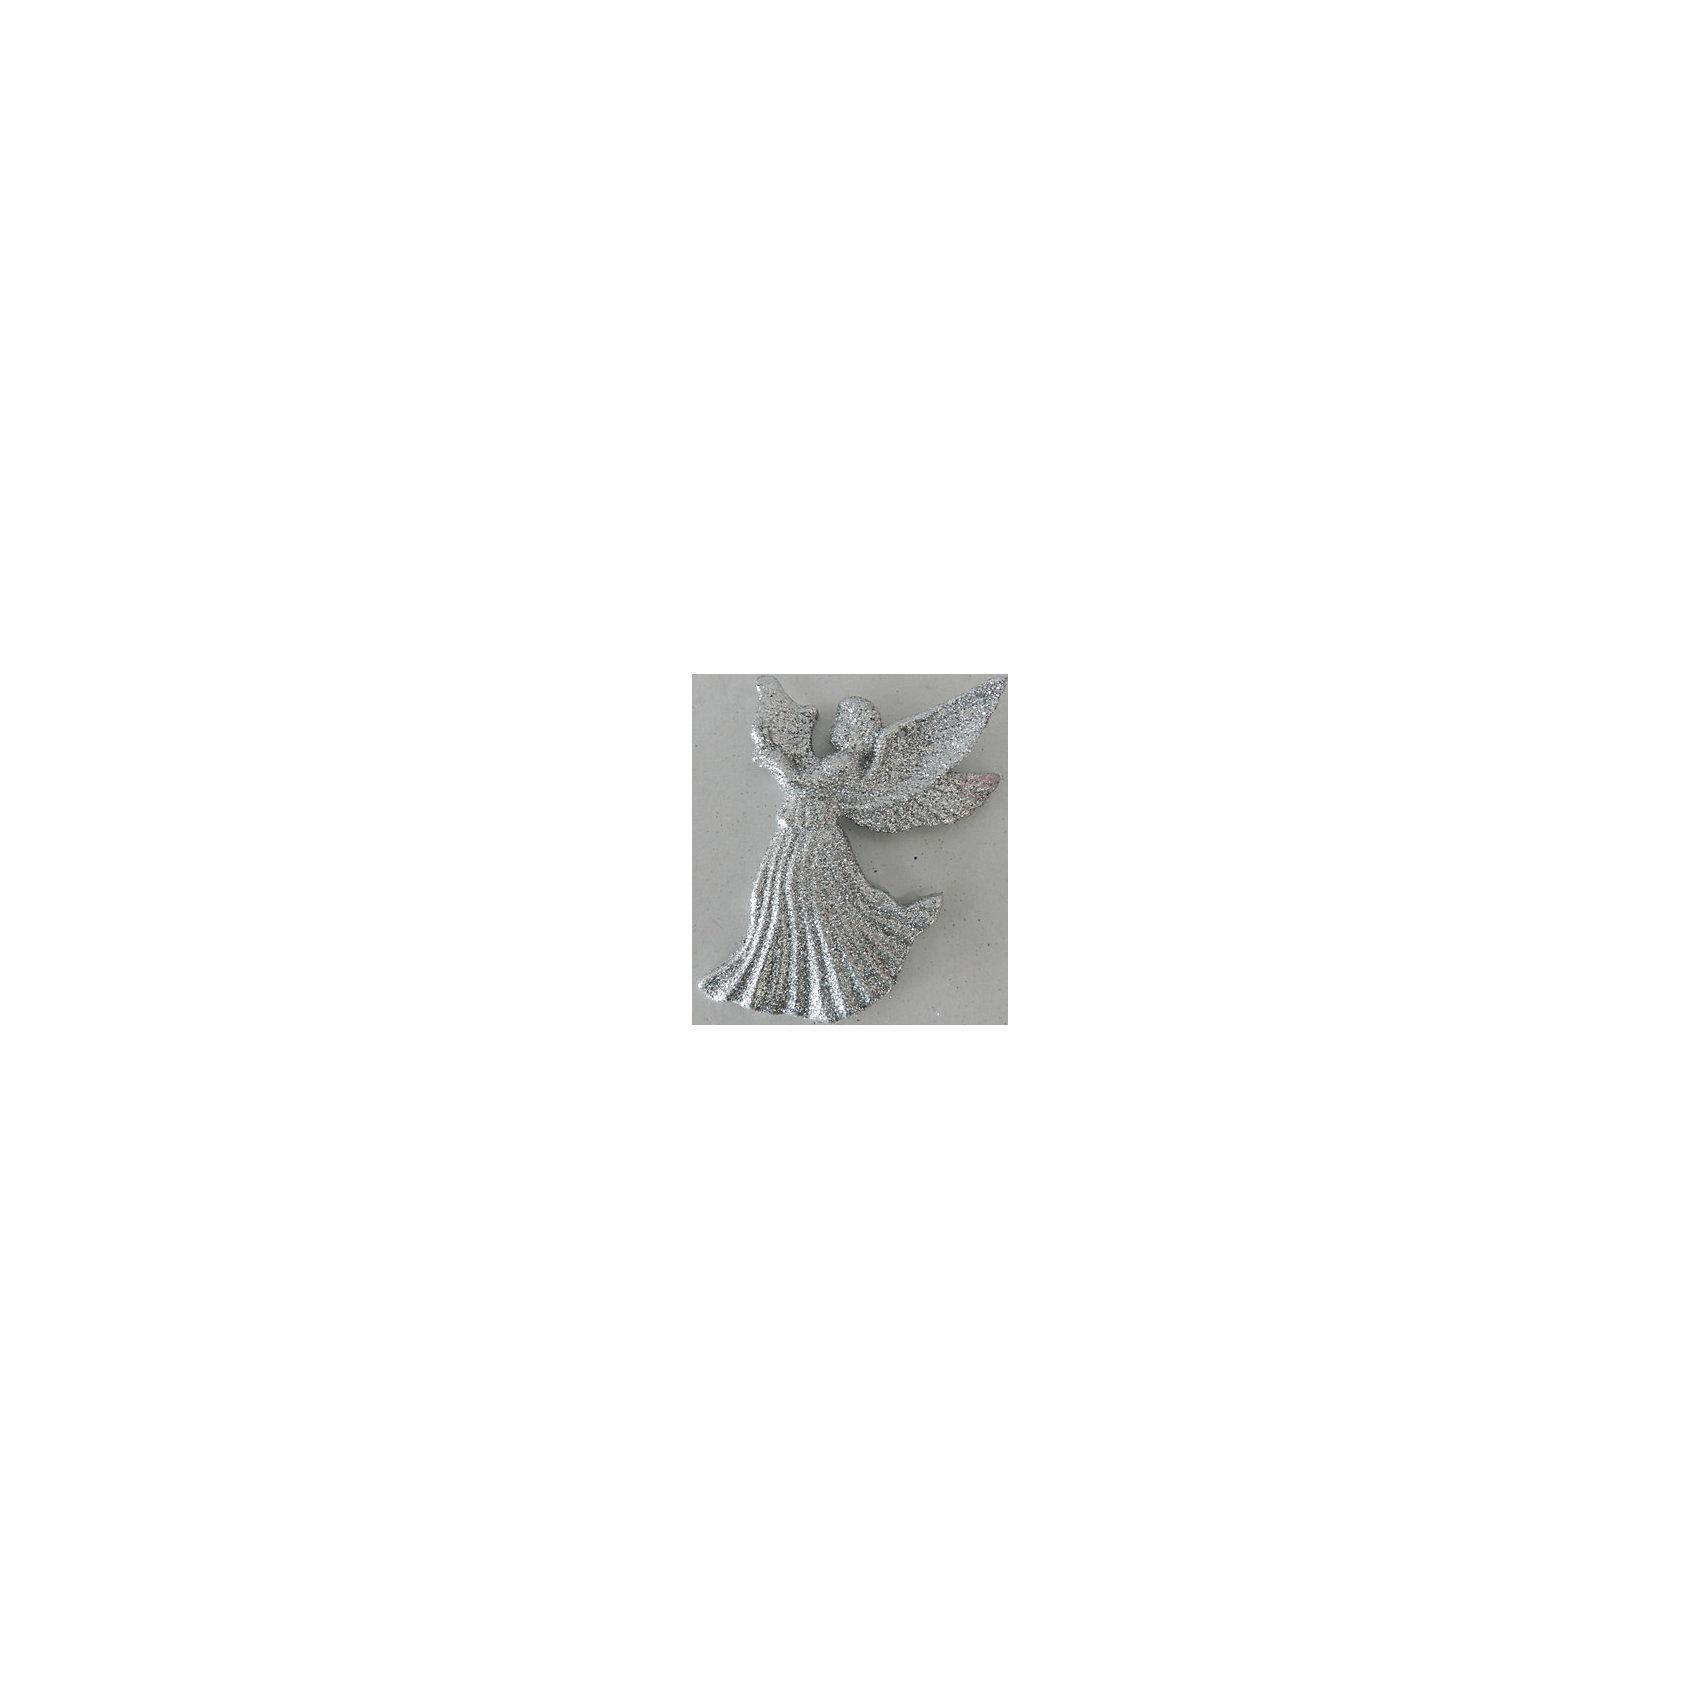 Украшение Серебряный ангелочек 11*8 смУкрашение Серебряный ангелочек 11*8 см - впустите атмосферу зимы и праздников в ваш дом! С этим декоративным украшением так весело наряжать дом и радовать близких. Украшение прекрасно подойдет не только на елочку, но и к другим поверхностям, например стенам или шторам. У снежинки имеется отверстие для тонкого шнурка, с помощью которого ее можно прикреплять. При желании можно использовать тонкую ленту. Интересный материал, из которого изготовлен ангелочек добавляет объемности и реалистичности, а блестки помогают ему просто сиять. Ангелочек не разобьется в случае падения. <br><br>Дополнительная информация:<br>- Размер: 11 * 8 см.<br>- Материал: полипропилен<br>- Объемный <br>Украшение Серебряный ангелочек 11*8 см можно купить в нашем интернет-магазине.<br>Подробнее:<br>• Для детей в возрасте: от 3 лет<br>• Номер товара: 4981457<br>Страна производитель: Китай<br><br>Ширина мм: 100<br>Глубина мм: 100<br>Высота мм: 60<br>Вес г: 51<br>Возраст от месяцев: 36<br>Возраст до месяцев: 2147483647<br>Пол: Унисекс<br>Возраст: Детский<br>SKU: 4981457